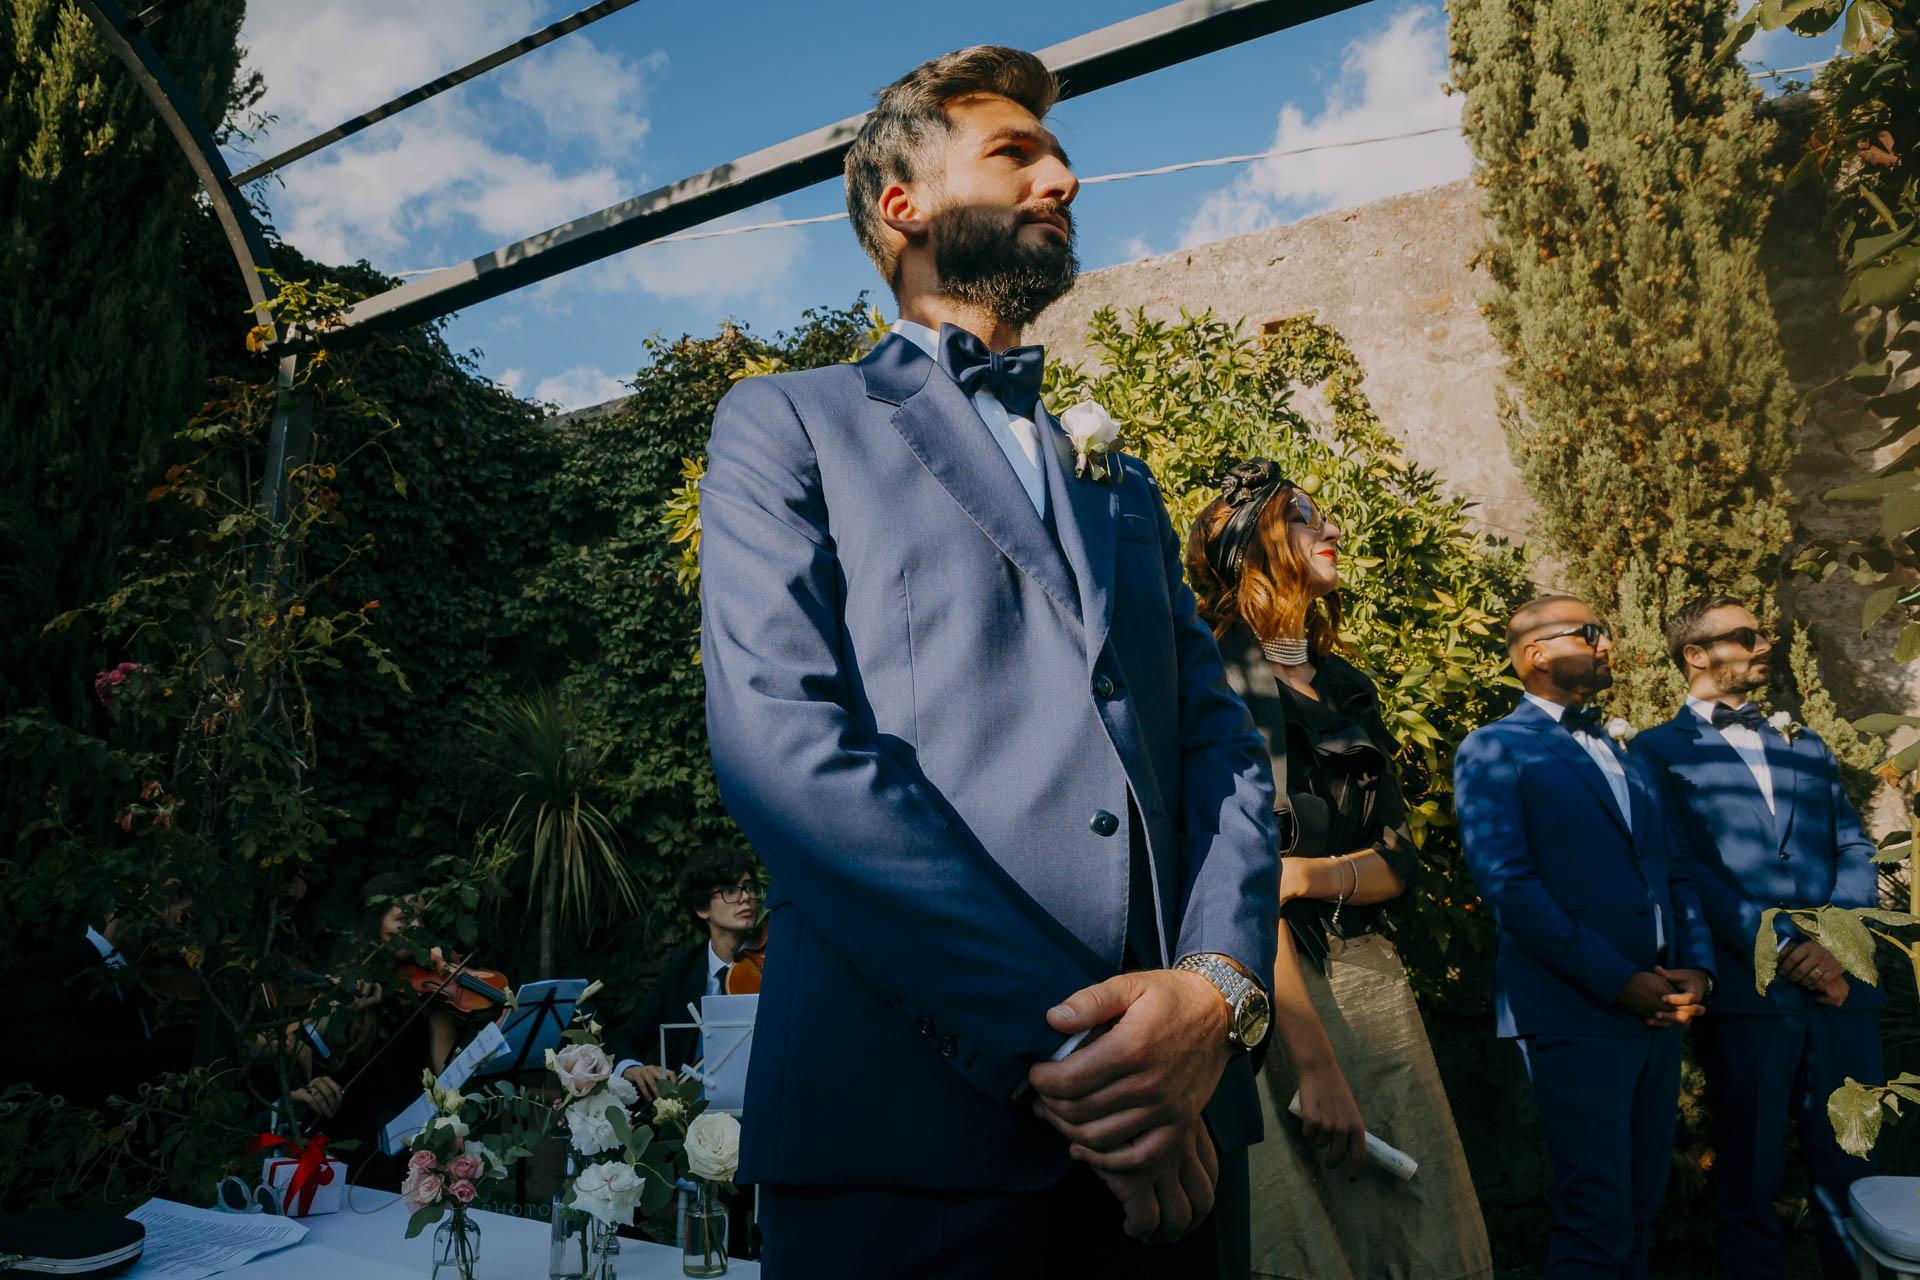 matrimonio-in-giardino-toscano